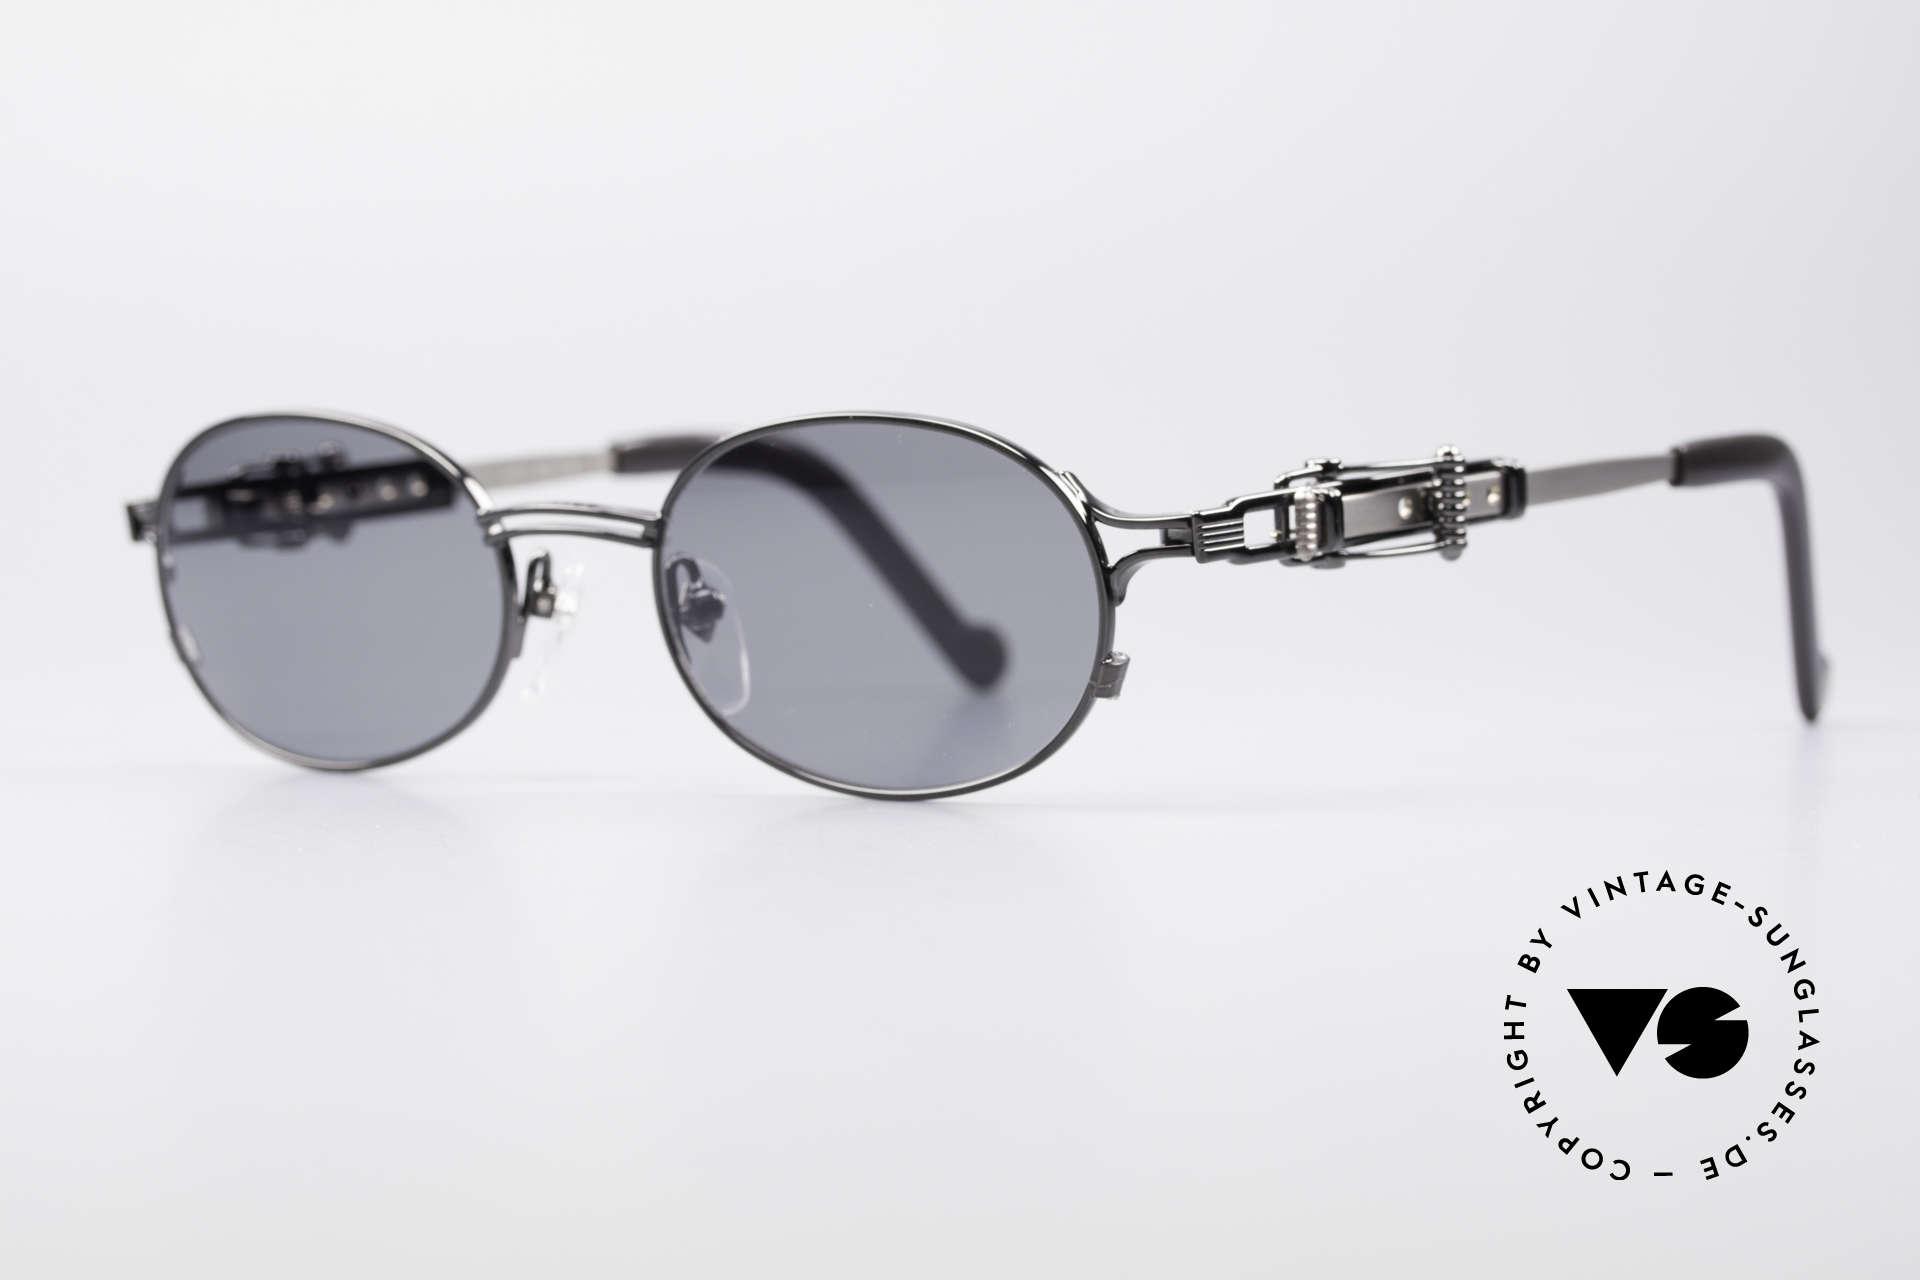 Jean Paul Gaultier 56-0020 Ovale Gürtelschnalle Brille, typisch Gaultier: Alltagsgegenstände als Design-Details, Passend für Herren